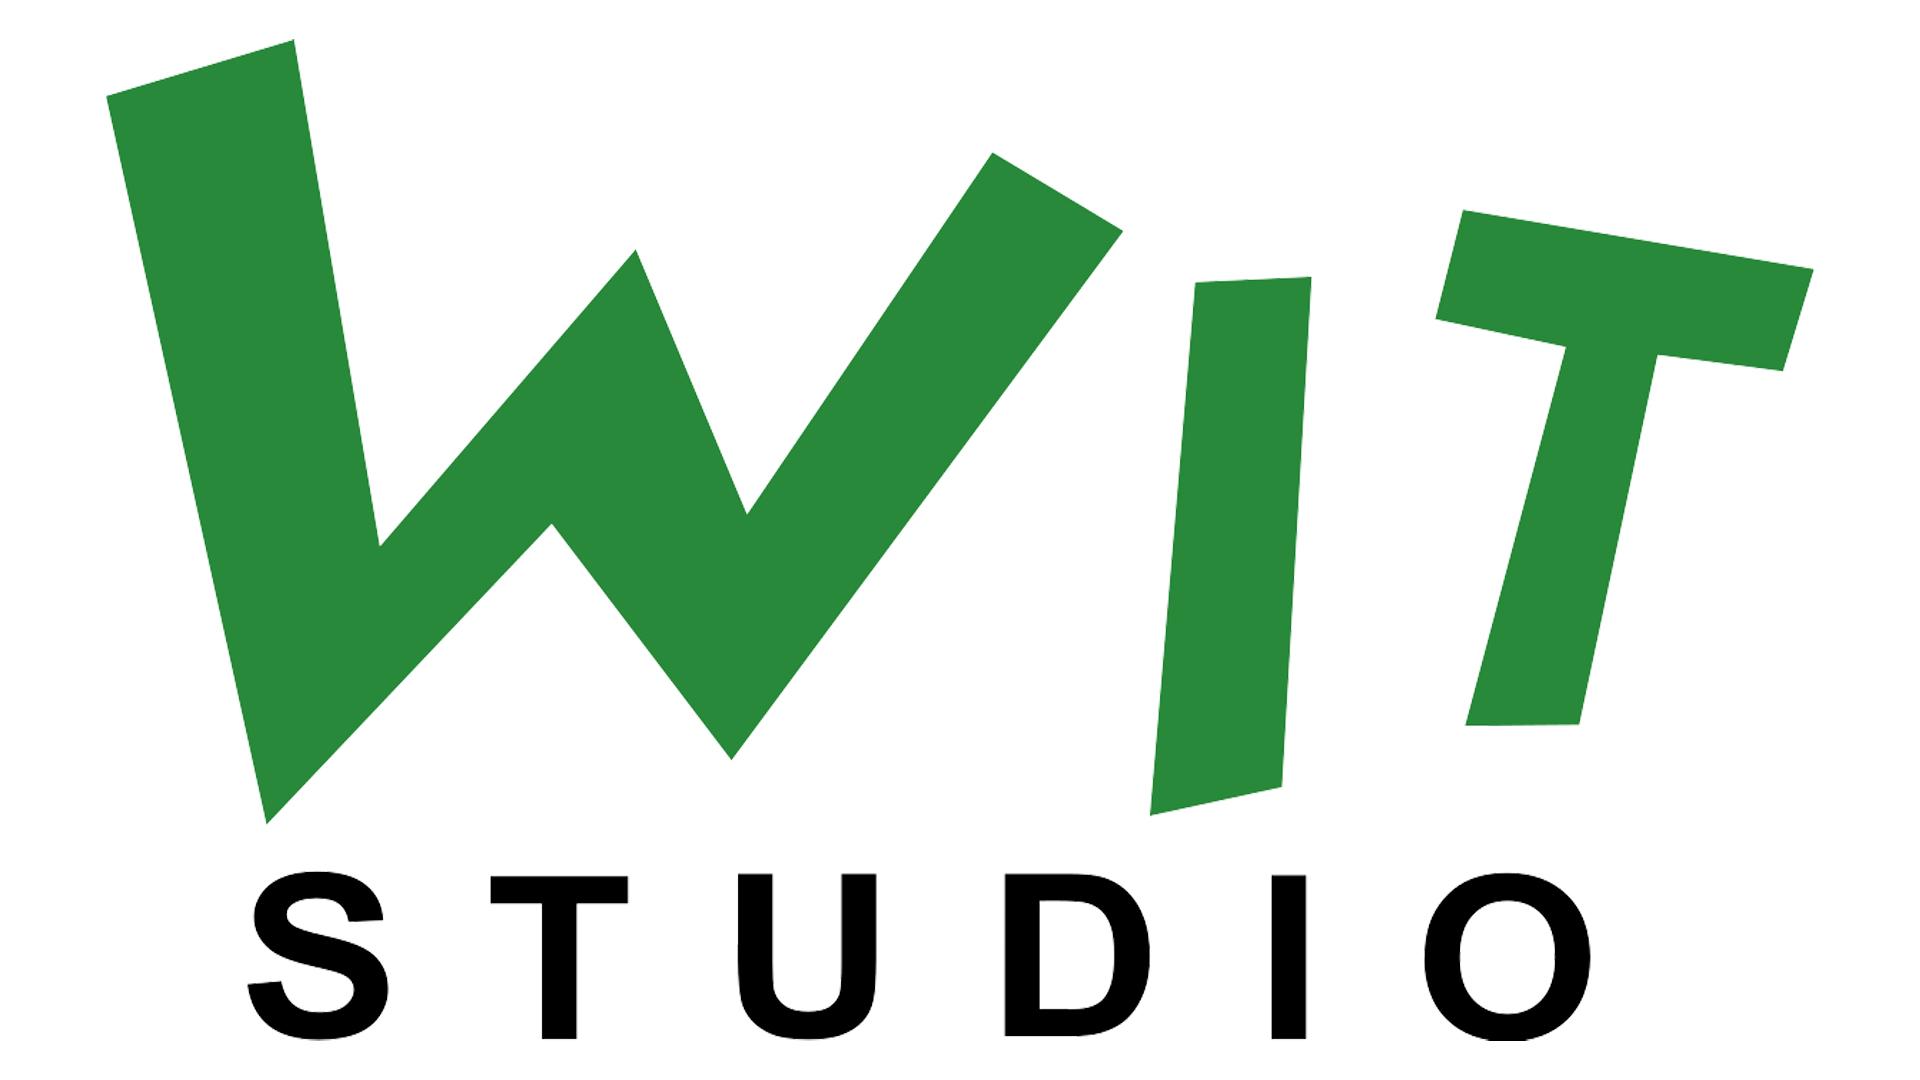 ingenio logo de estudio